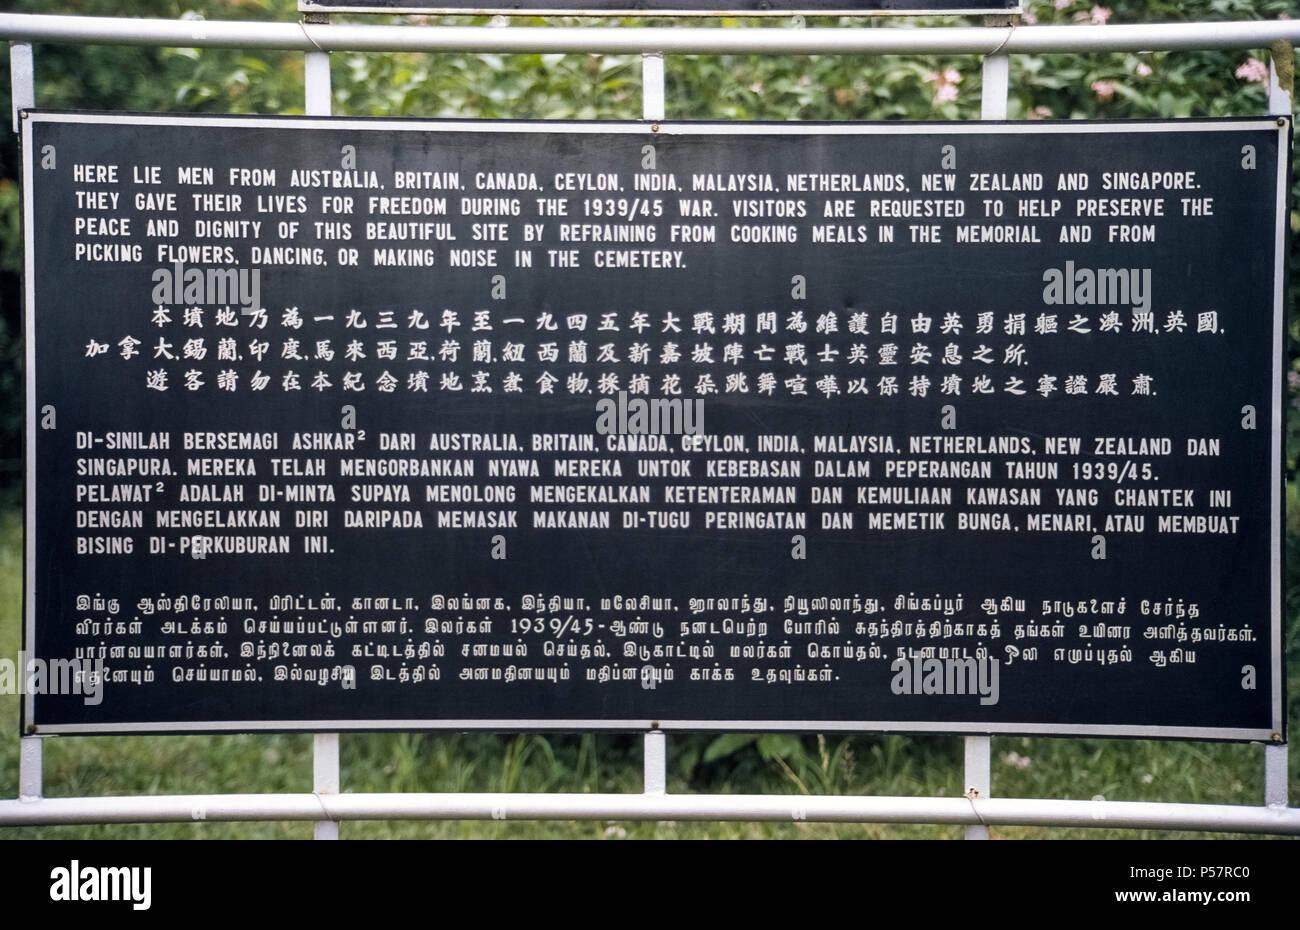 Ein Zeichen in vier Sprachen unerwartet Zugriffe Besucher nicht zu kochen, Blumen, Tanz, oder Geräusche in der Kranji War Memorial, einem Hügel Friedhof in Singapur, ehrt Soldaten aus neun Nationen, die ihr Leben in der Linie der Aufgabe gab während des Zweiten Weltkrieges. Weiße Grabsteine mark die Überreste von 4,461 Frauen und Männer aus Australien, Großbritannien, Kanada, Ceylon (heute Sri Lanka), Indien, Malaysia, Niederlande, Neuseeland und Singapur. Stockfoto